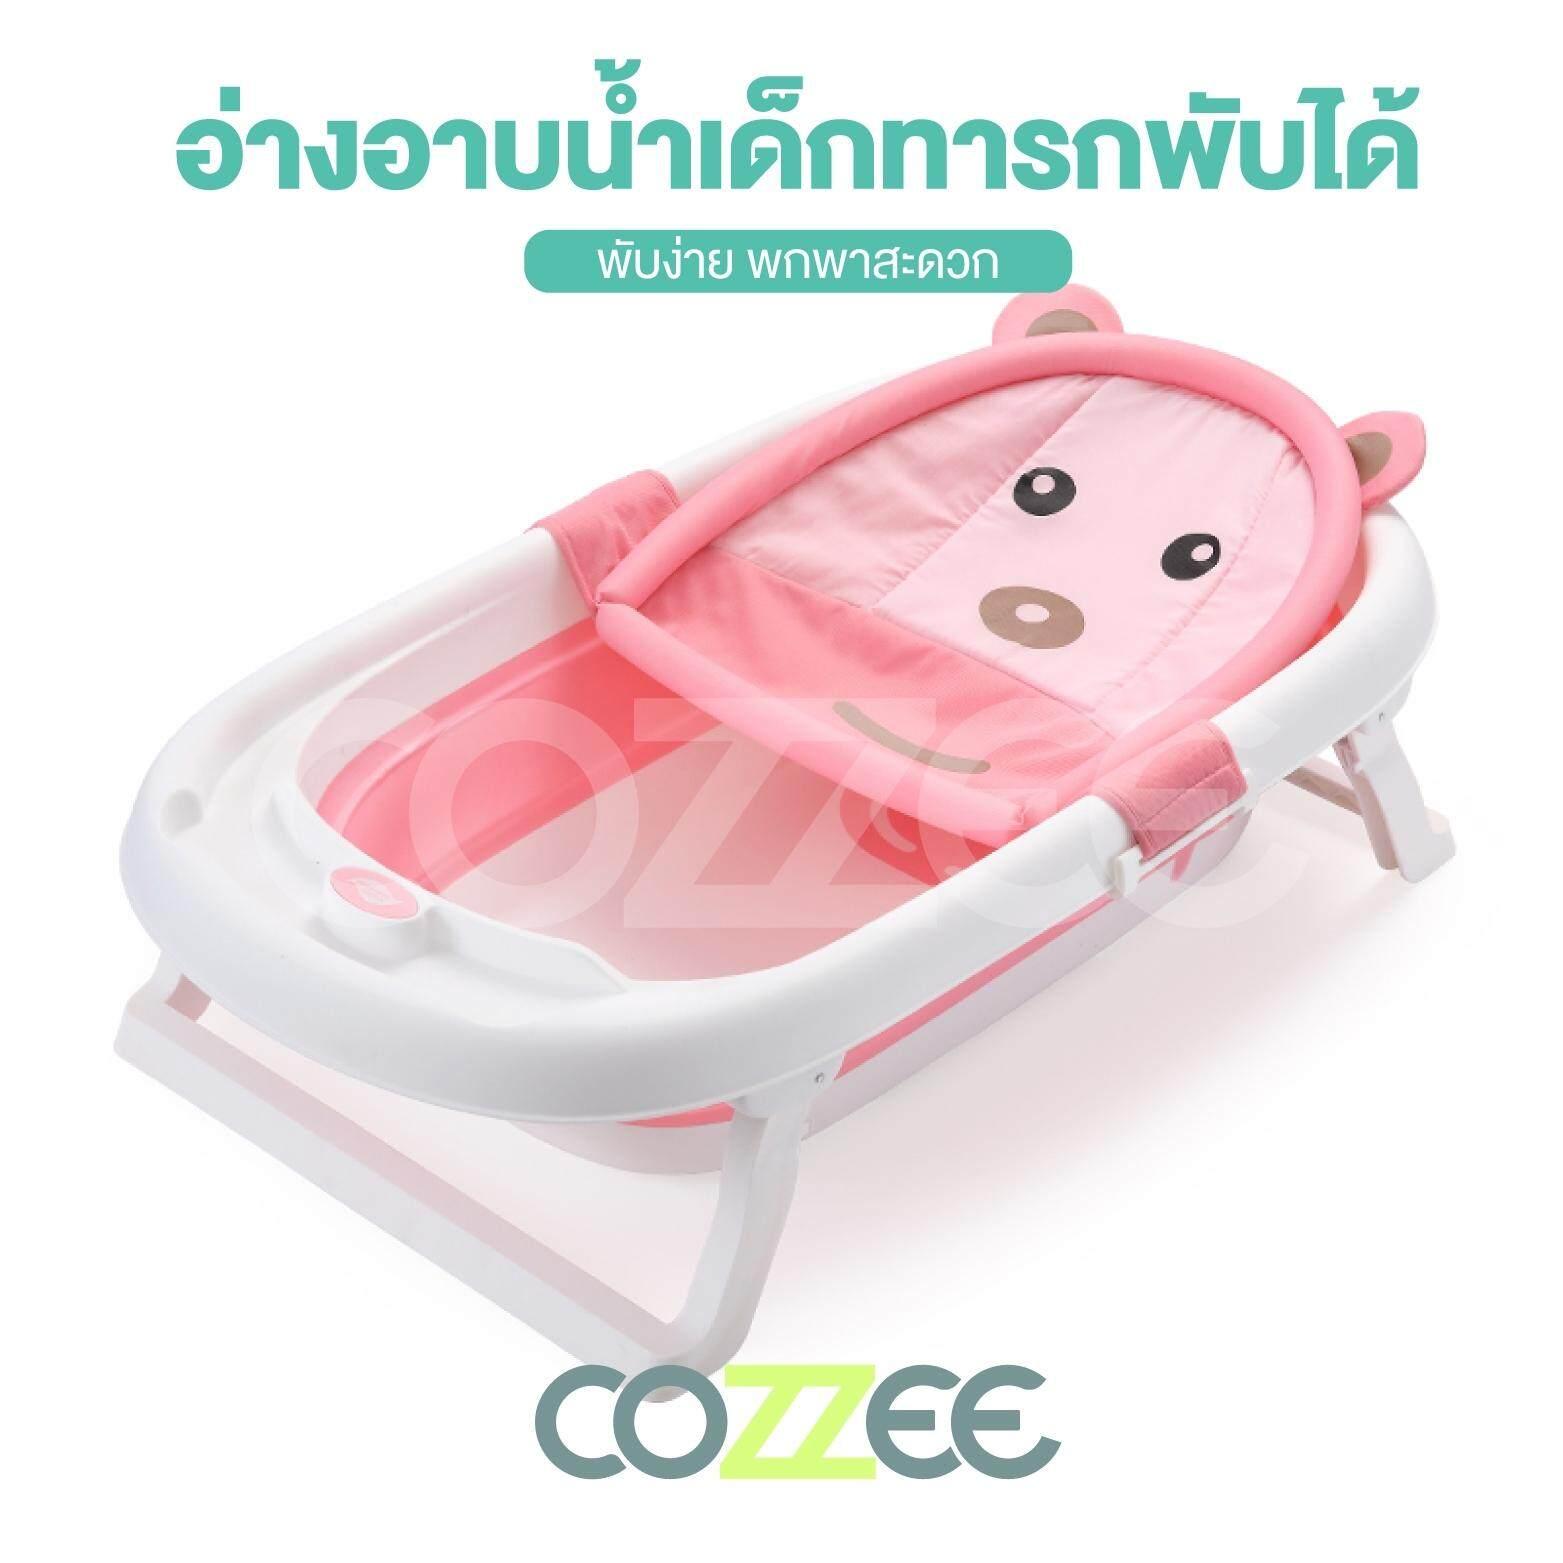 แนะนำ Cozzee อ่างอาบน้ำเด็กพับเก็บได้ (แถมตาข่ายรองอาบน้ำลายหมี) ที่อาบน้ำเด็กทารก ตาข่ายอาบน้ำเด็กทารก เปลรองอาบน้ำเด็ก รุ่น Baby Bath Tub BH-318/S